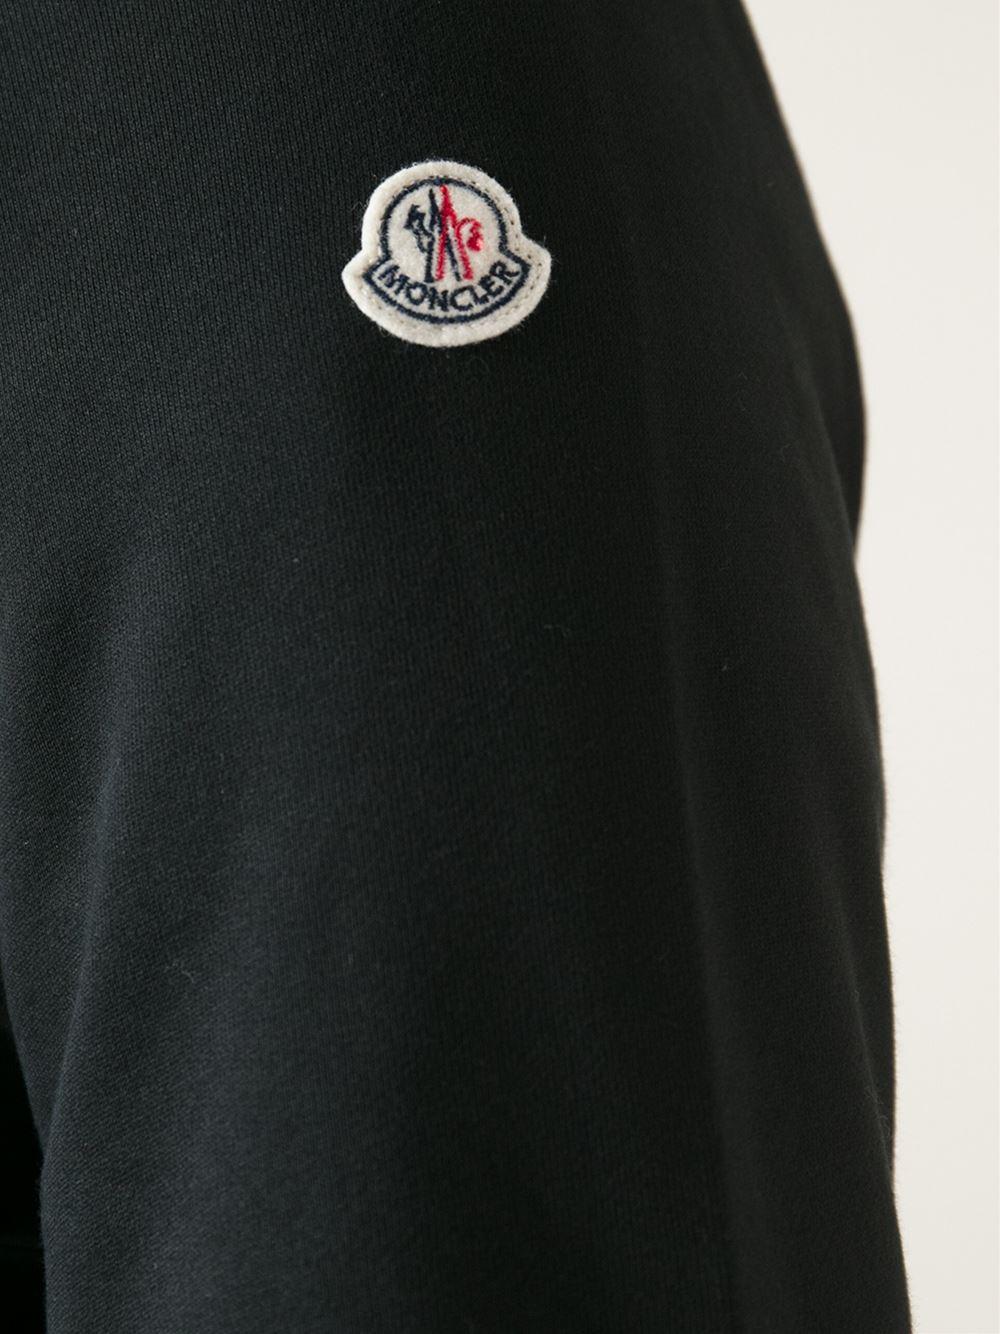 mens black moncler hoodie